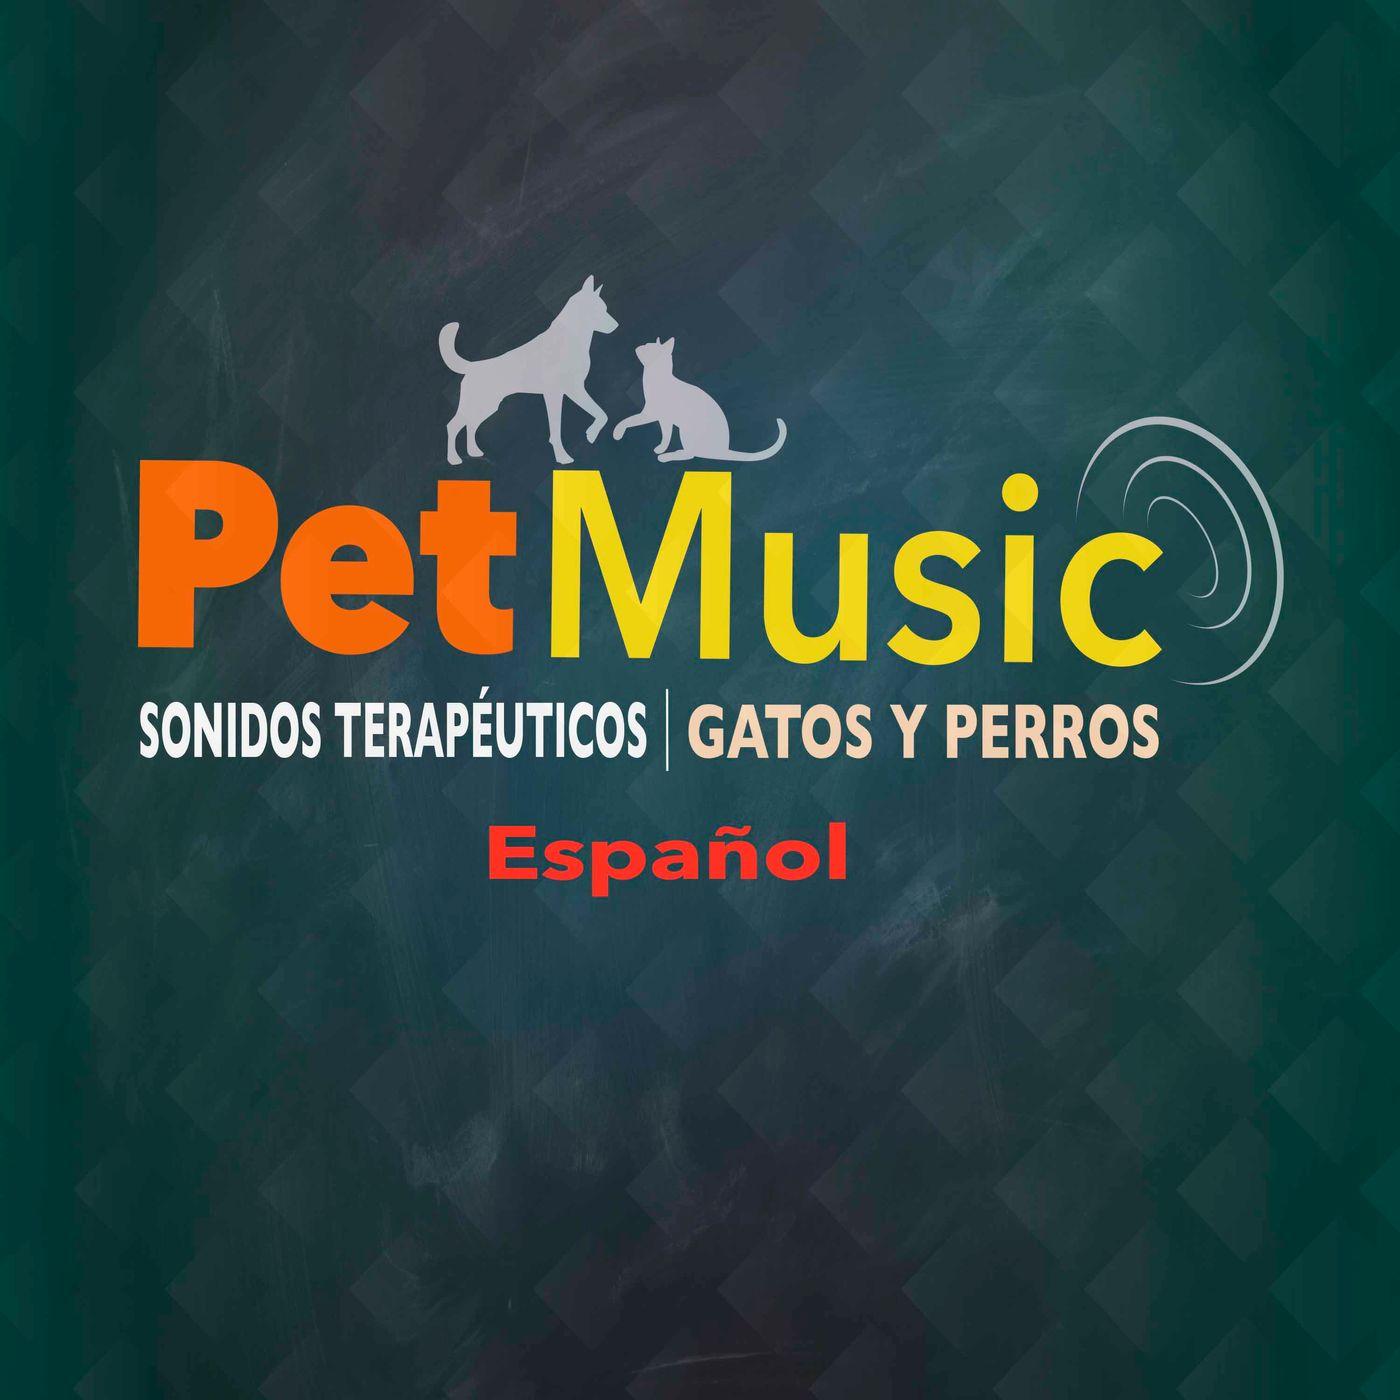 #01 Sonidos Terapéuticos para Tranquilizar a los Perros   PetMusic